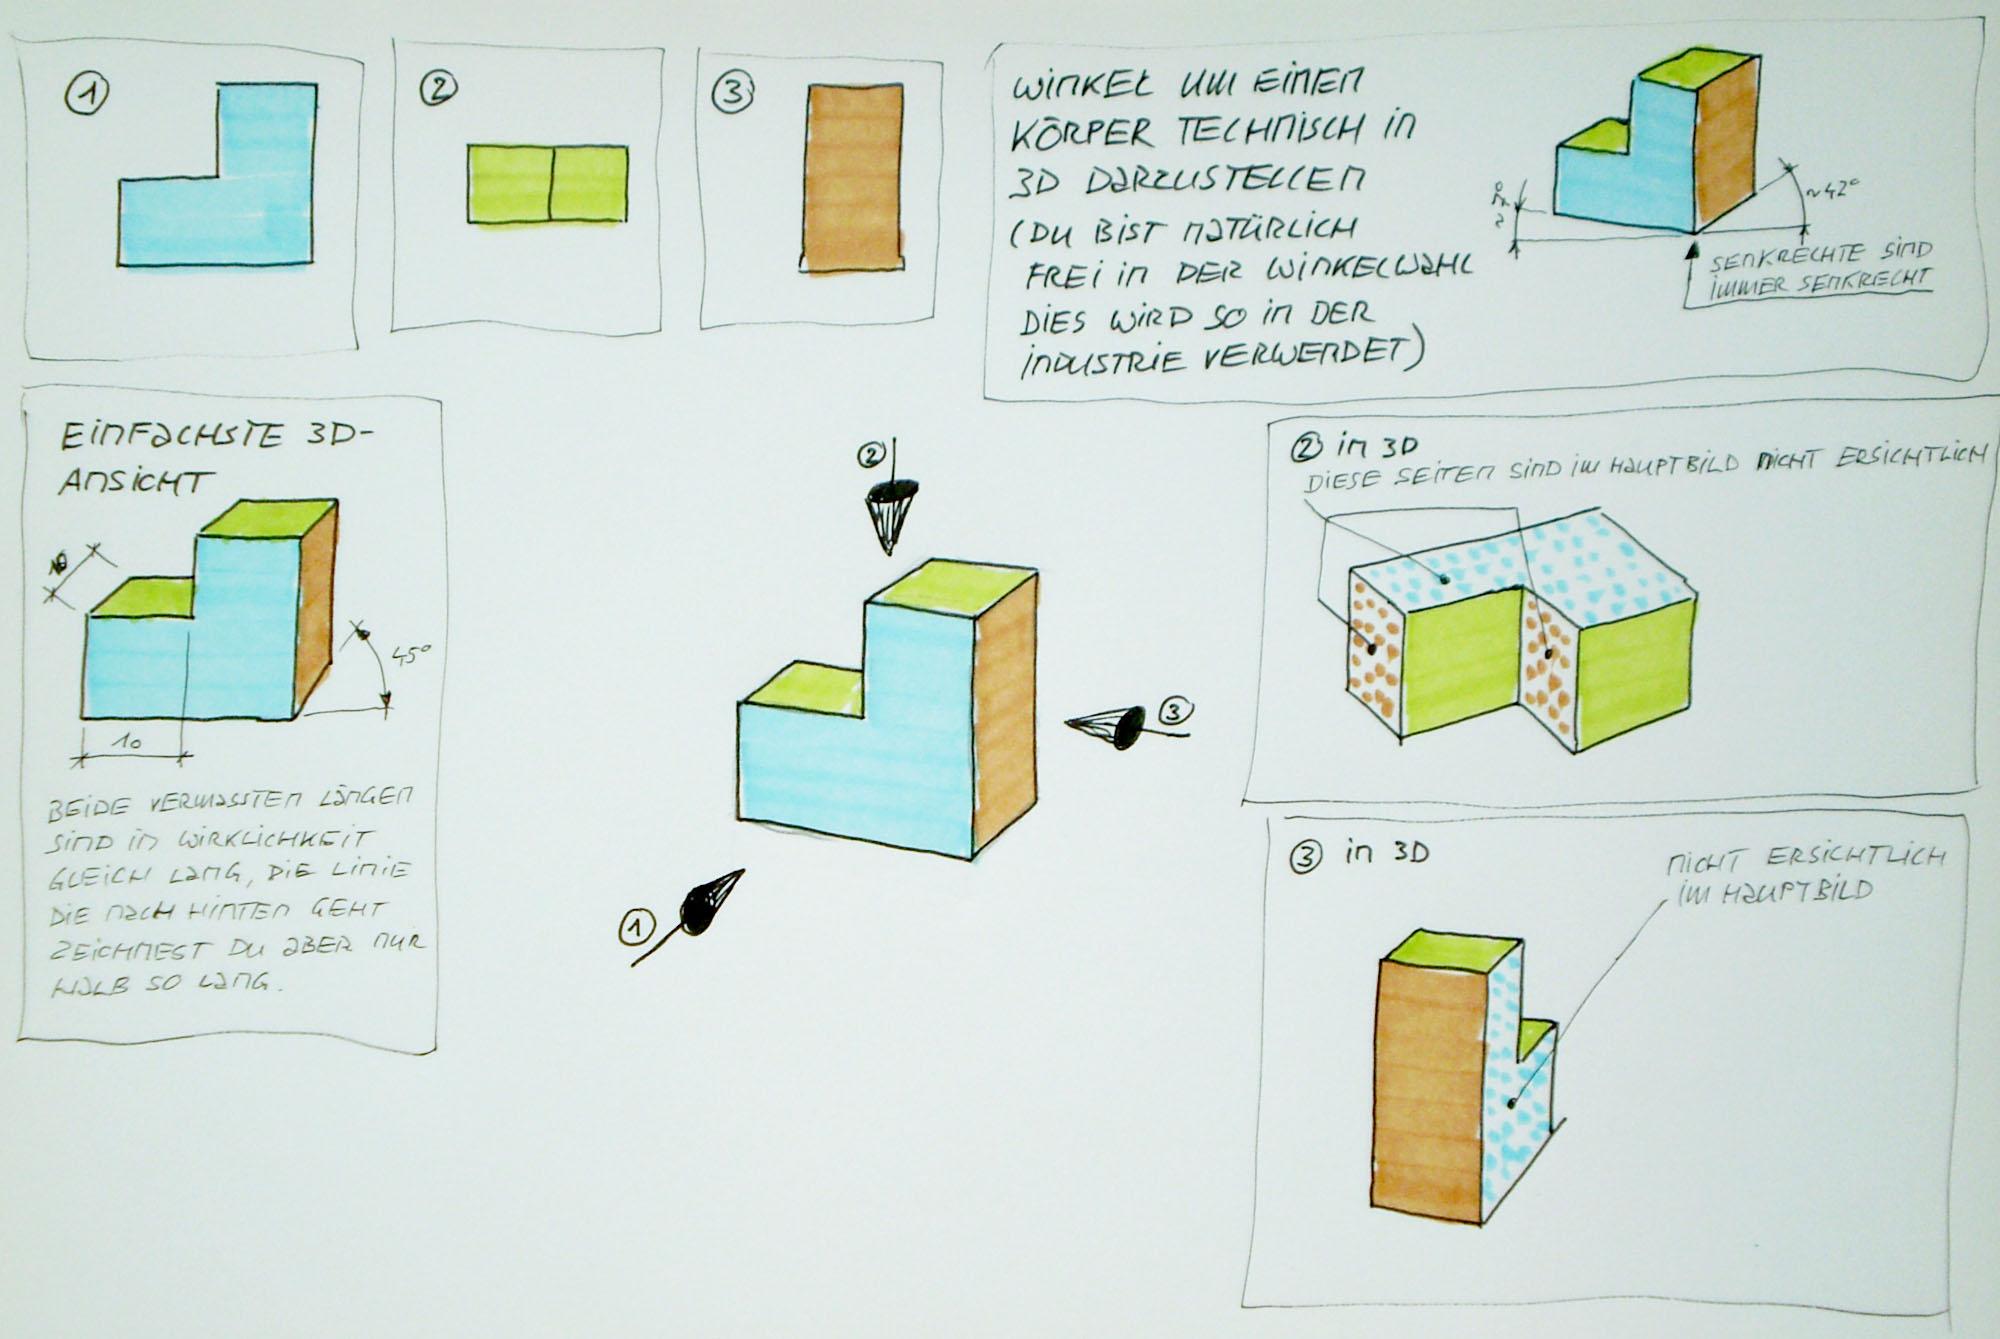 Grundriss zeichnen lernen das zweite bild soll die for Raumgestaltung lernen